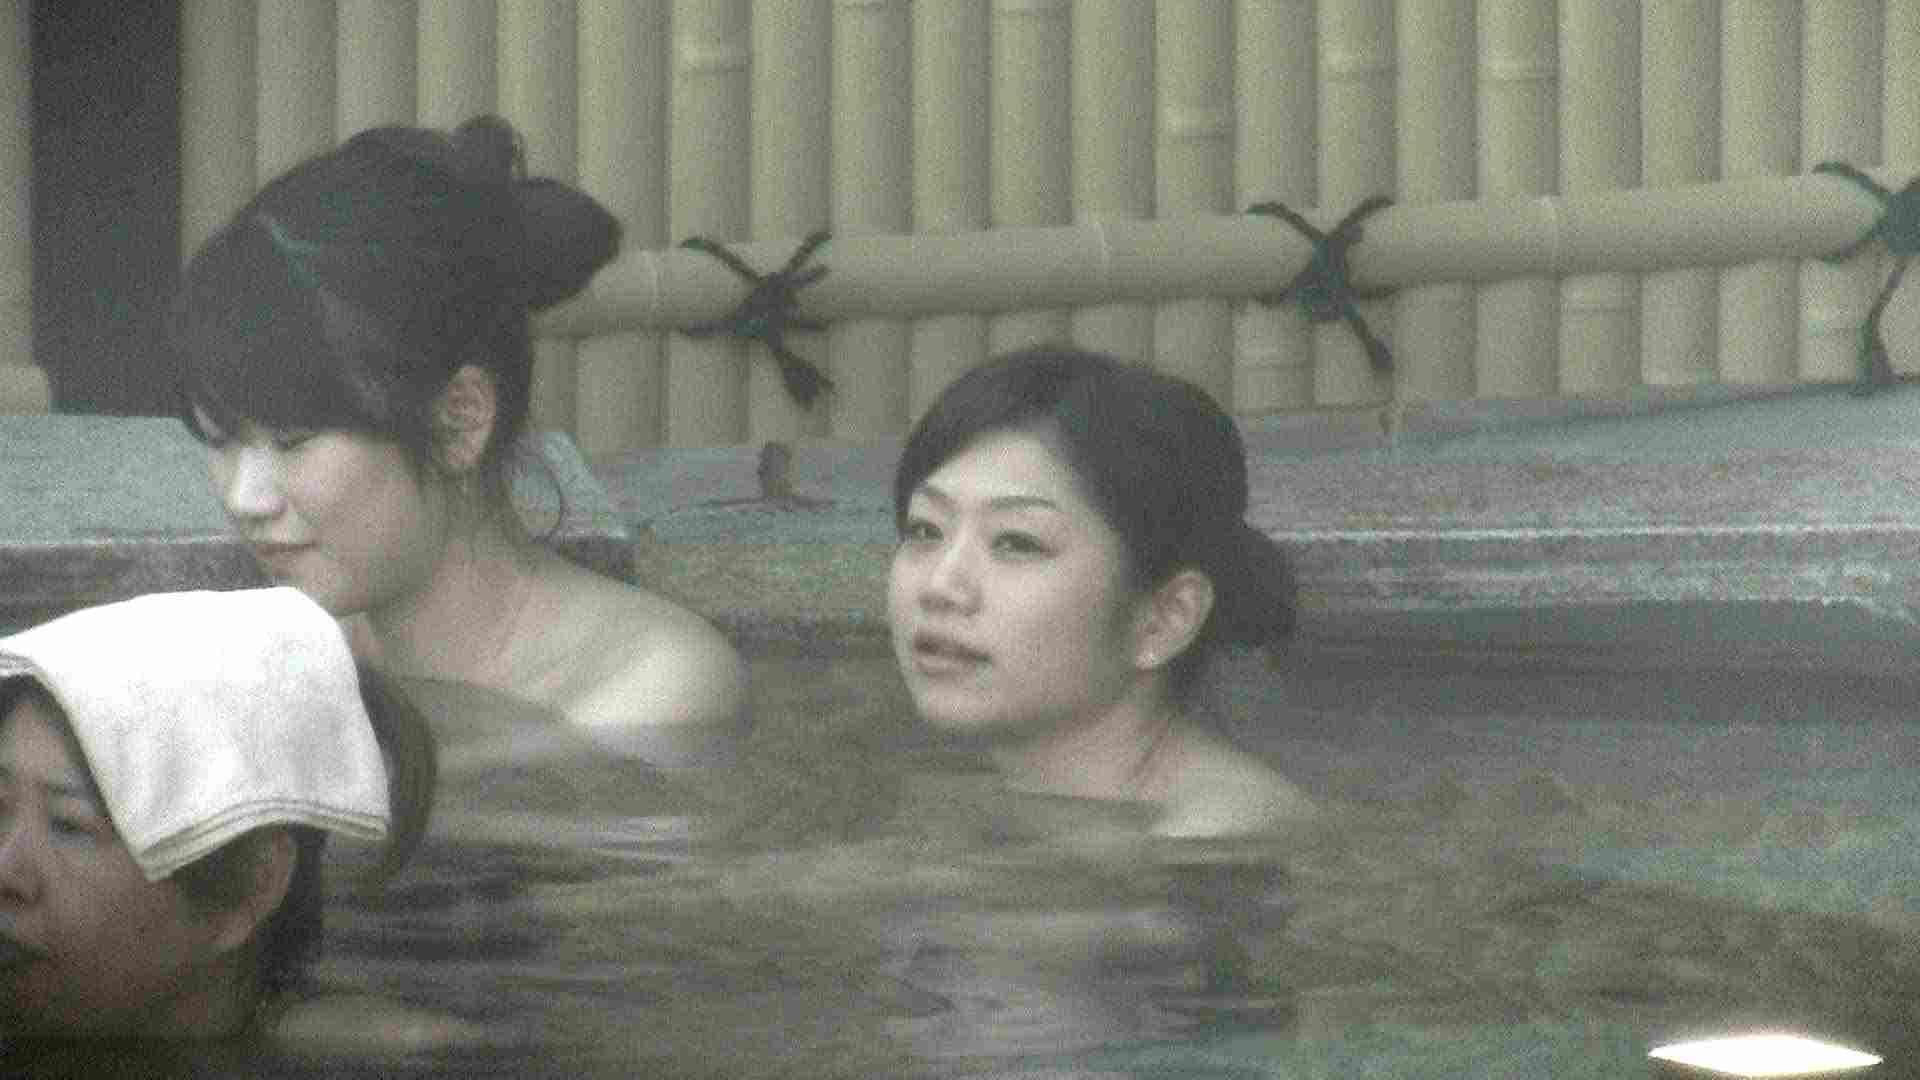 Aquaな露天風呂Vol.206 露天風呂 われめAV動画紹介 87連発 35